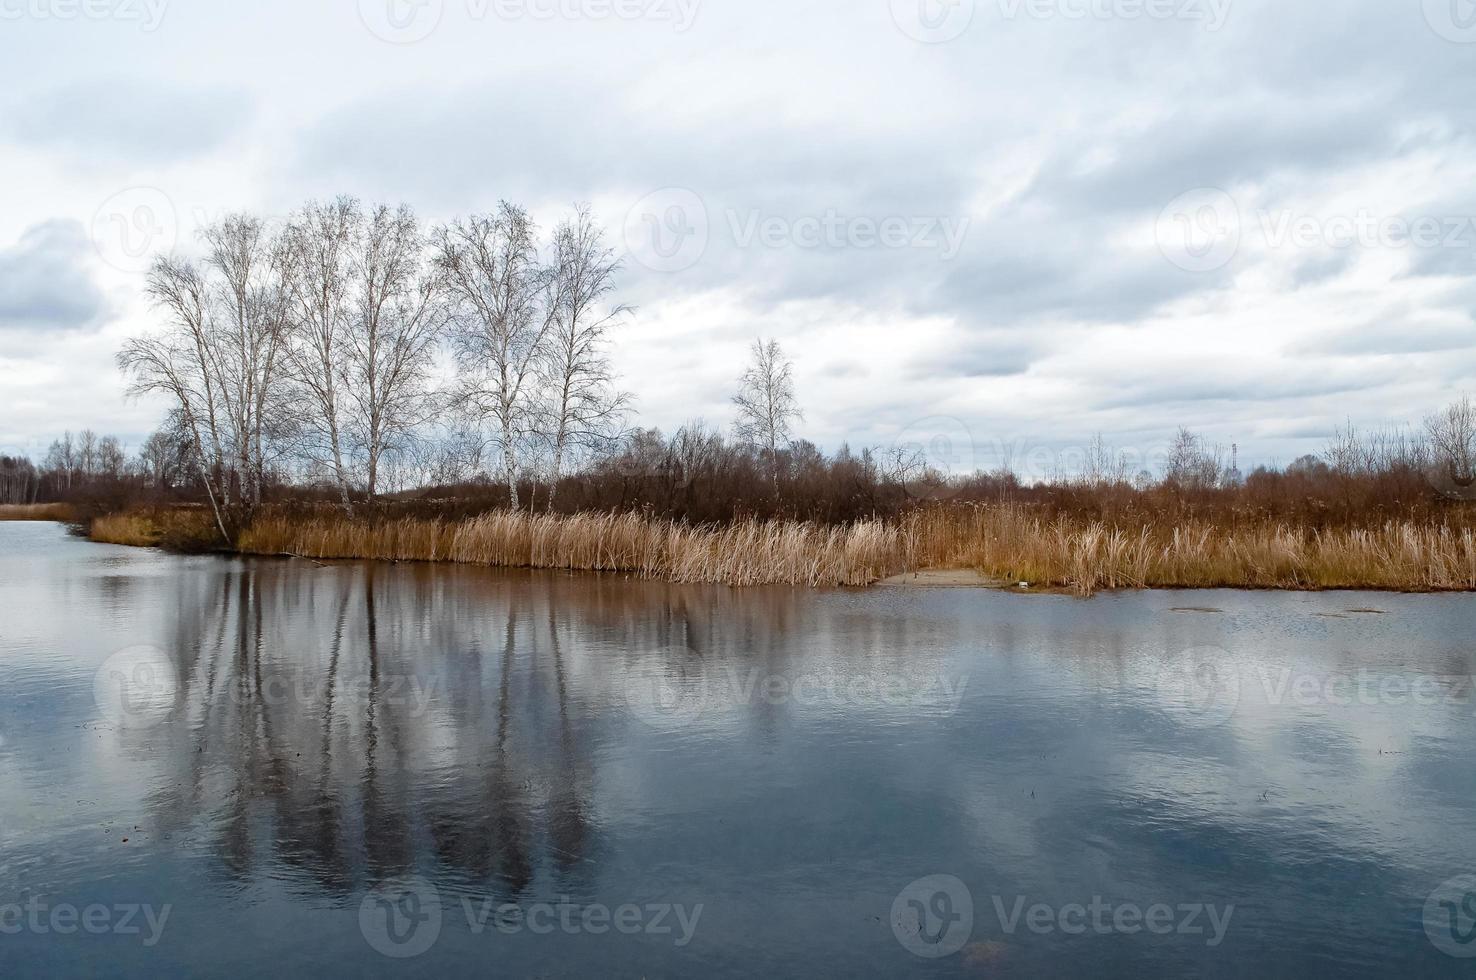 autunno siberiano foto